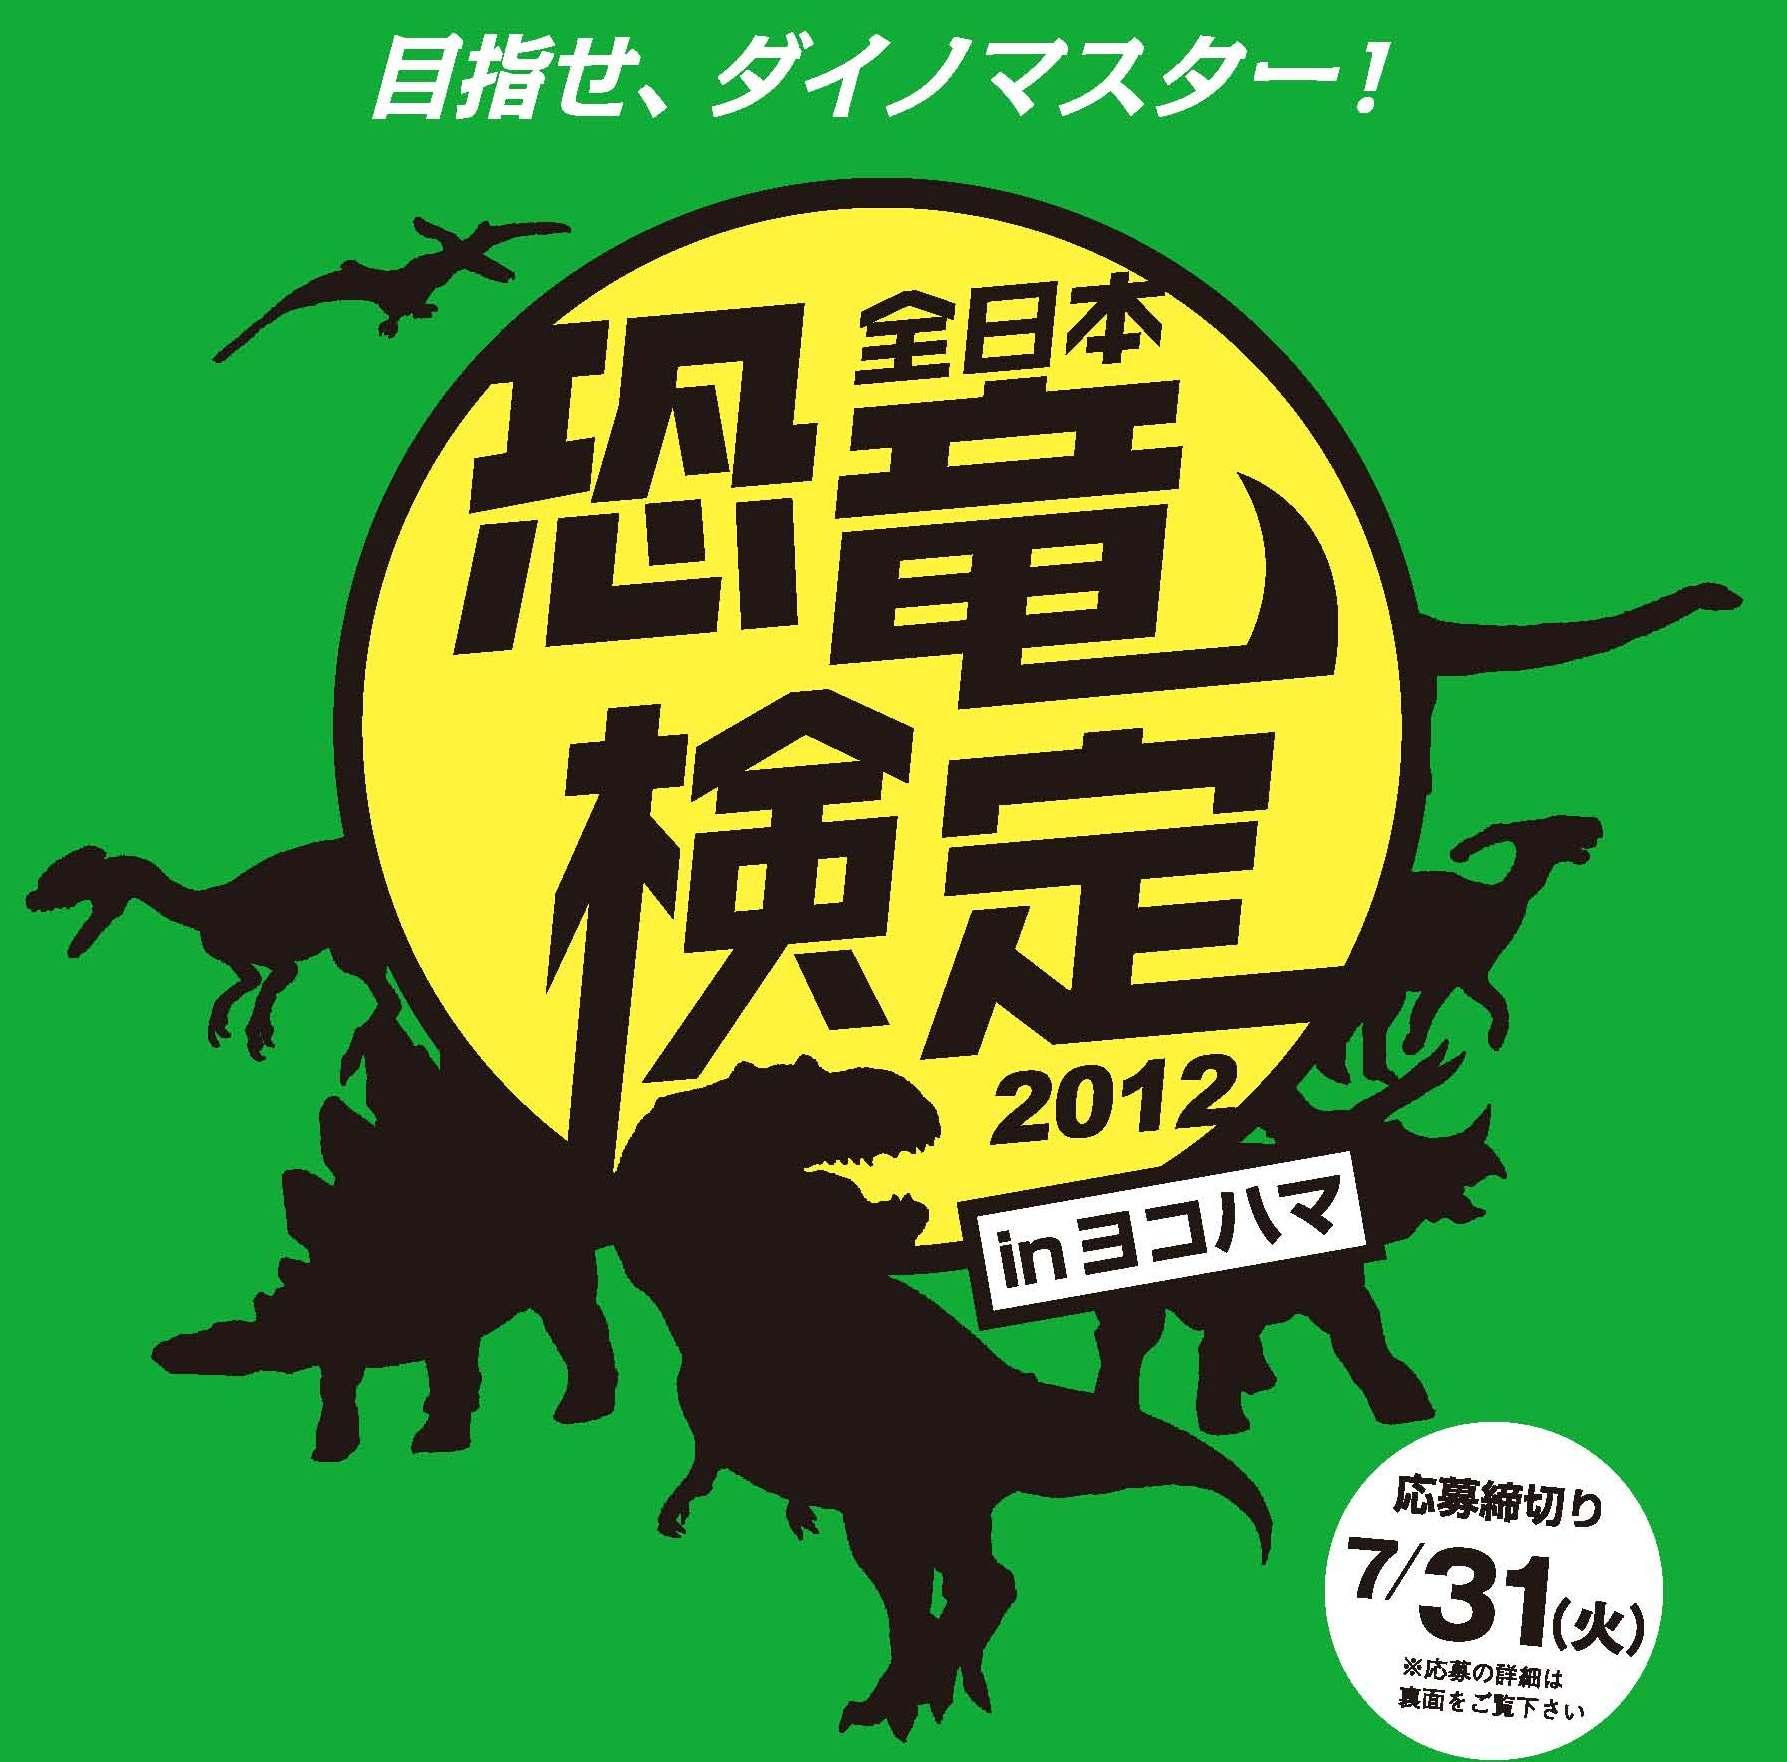 【恐竜王国ふくい】全日本恐竜検定2012 in ヨコハマ 〆切迫る!_f0229508_11375064.jpg